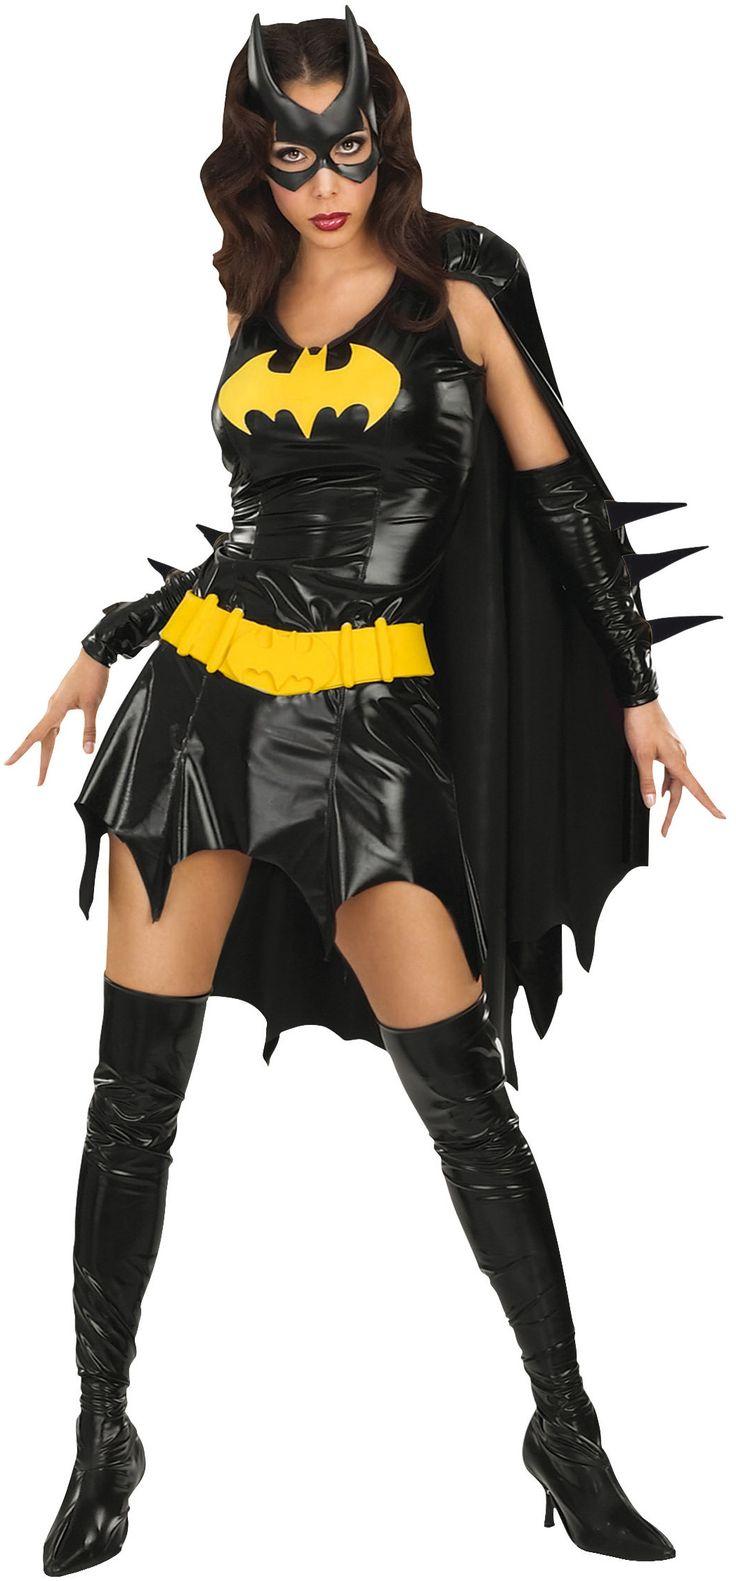 Disfraz de Batgirl™ sexy para mujer: Disfraz sexy de Batgirl™ de lujo para mujer. Incluye un vestido corto de imitación de vinilo con su capa (que se abrocha en los hombros), cubrebotas muy altos que también son de...